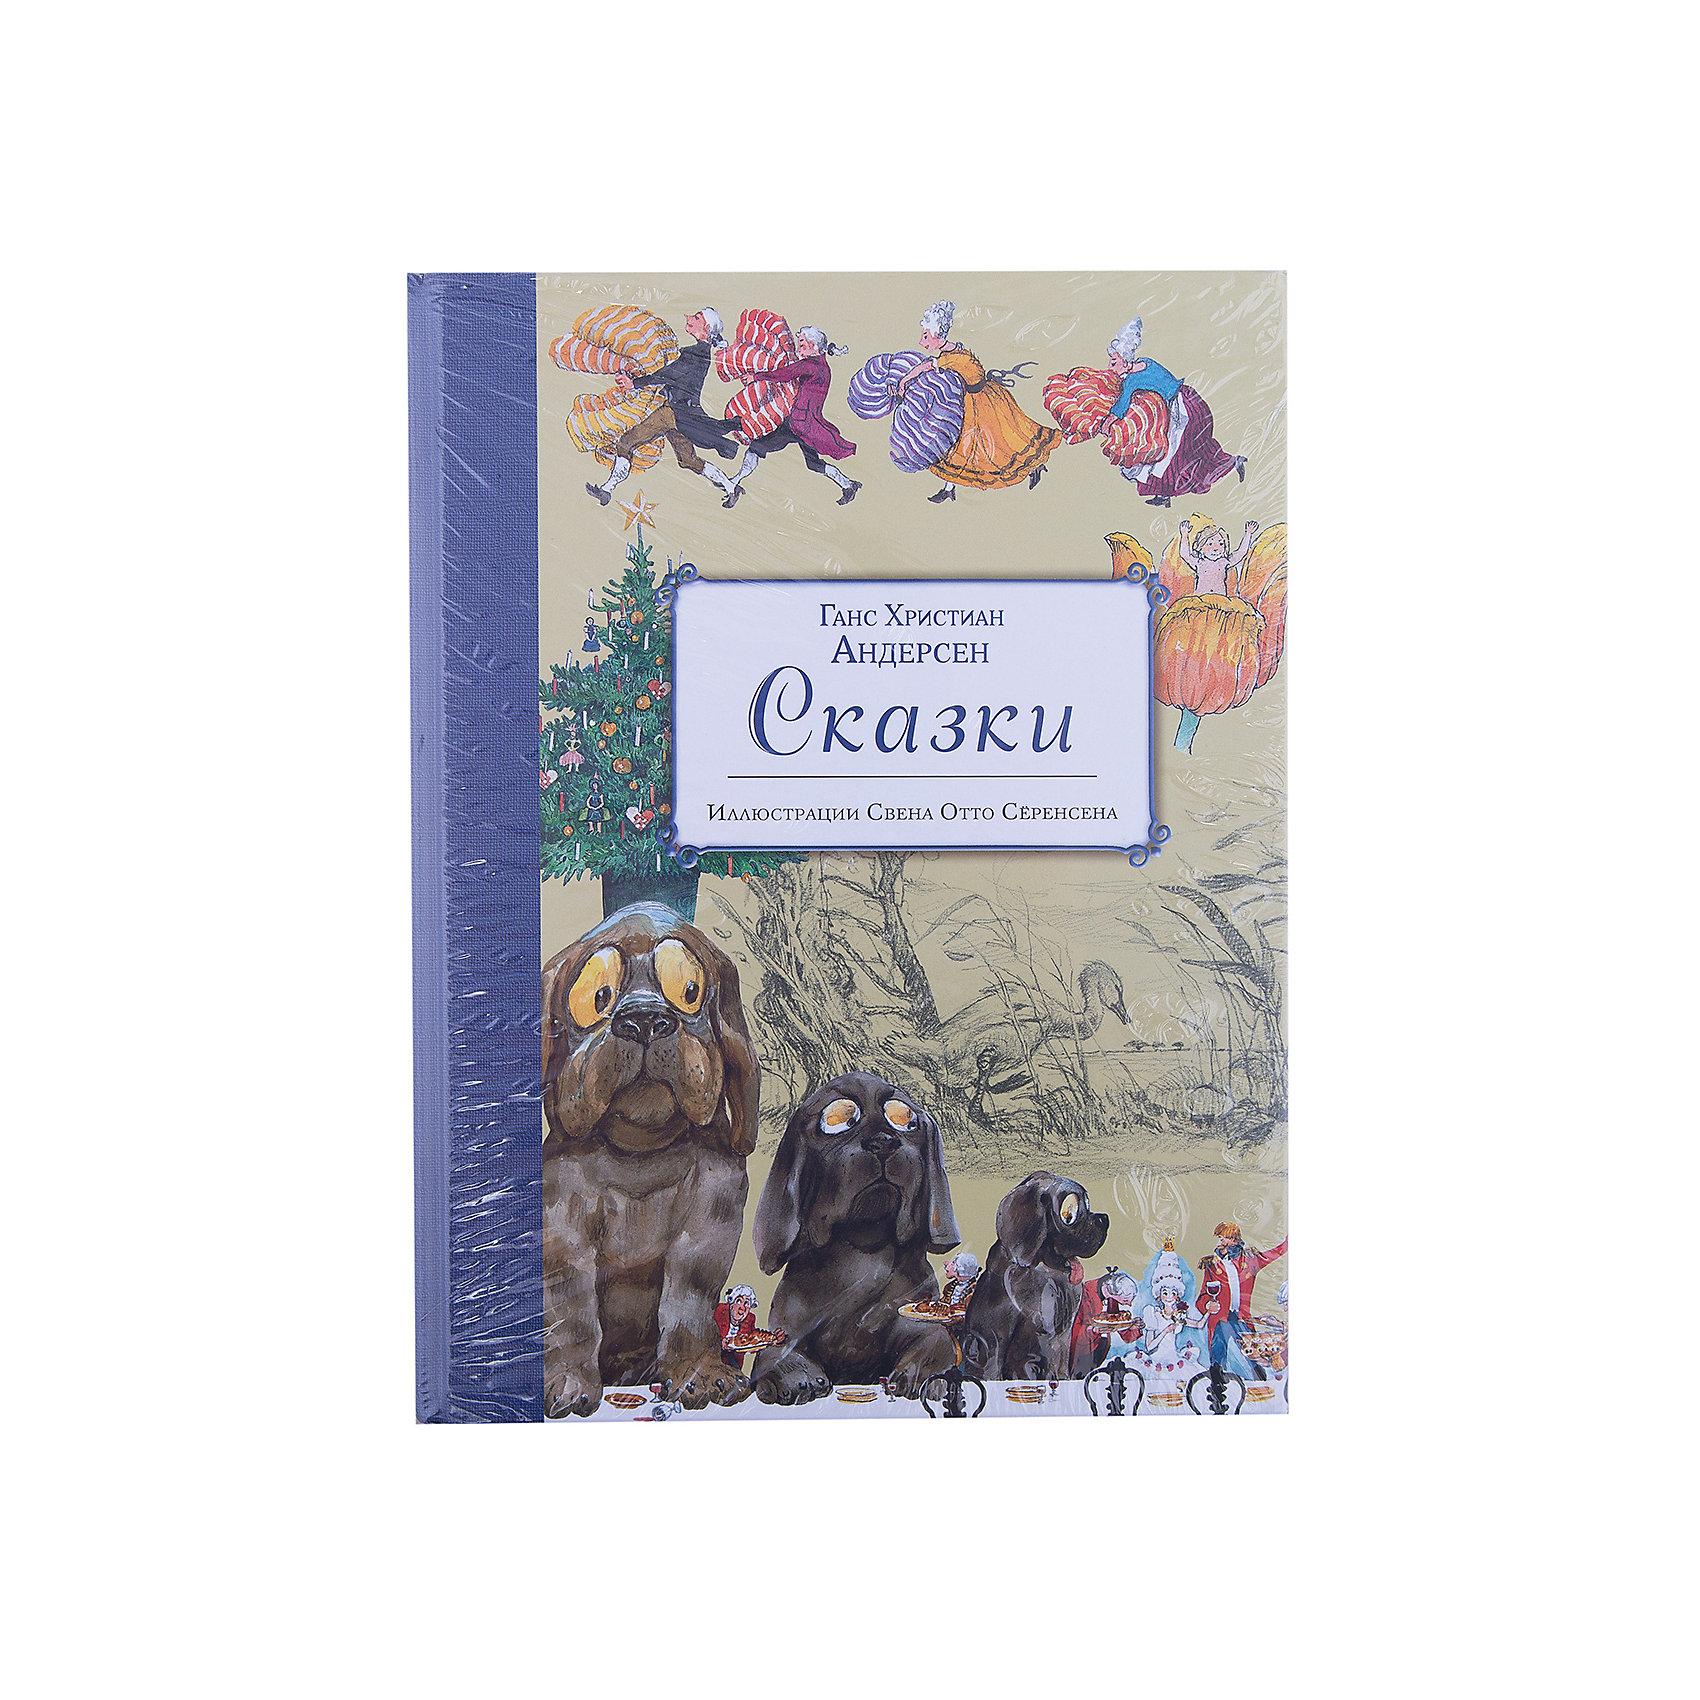 Сказки Г.Х. Андерсена, ил. С.-О. СёренсенаЗарубежные сказки<br>Характеристики товара: <br><br>• ISBN: 9785699823307<br>• возраст от: 5 лет<br>• формат: 84x108/16<br>• бумага: офсетная<br>• обложка: твердая<br>• иллюстрации: цветные<br>• серия: Золотые сказки для детей<br>• издательство: Эксмо<br>• автор: Ганс-Христиан Андерсен<br>• художник: С.-О. Сёренсен<br>• переводчик: Ганзен Петр Готфридович, Ганзен Анна Васильевна<br>• количество страниц: 192<br>• размеры: 20x26 см<br><br>Классика детской литературы - это сказки, которые остаются актуальными и любимыми многими поколениями. В книге «Сказки» известного европейского писателя рассказываются известные сказки. Каждая - учащая добру и заставляющая задуматься.<br><br>Отличное качество издания, красочные иллюстрации известного художника - всё это поможет проникнуться атмосферой любимых историй.<br><br>Книгу «Сказки (ил. С.-О. Сёренсена)» можно купить в нашем интернет-магазине.<br><br>Ширина мм: 245<br>Глубина мм: 188<br>Высота мм: 180<br>Вес г: 716<br>Возраст от месяцев: 72<br>Возраст до месяцев: 2147483647<br>Пол: Унисекс<br>Возраст: Детский<br>SKU: 5535372